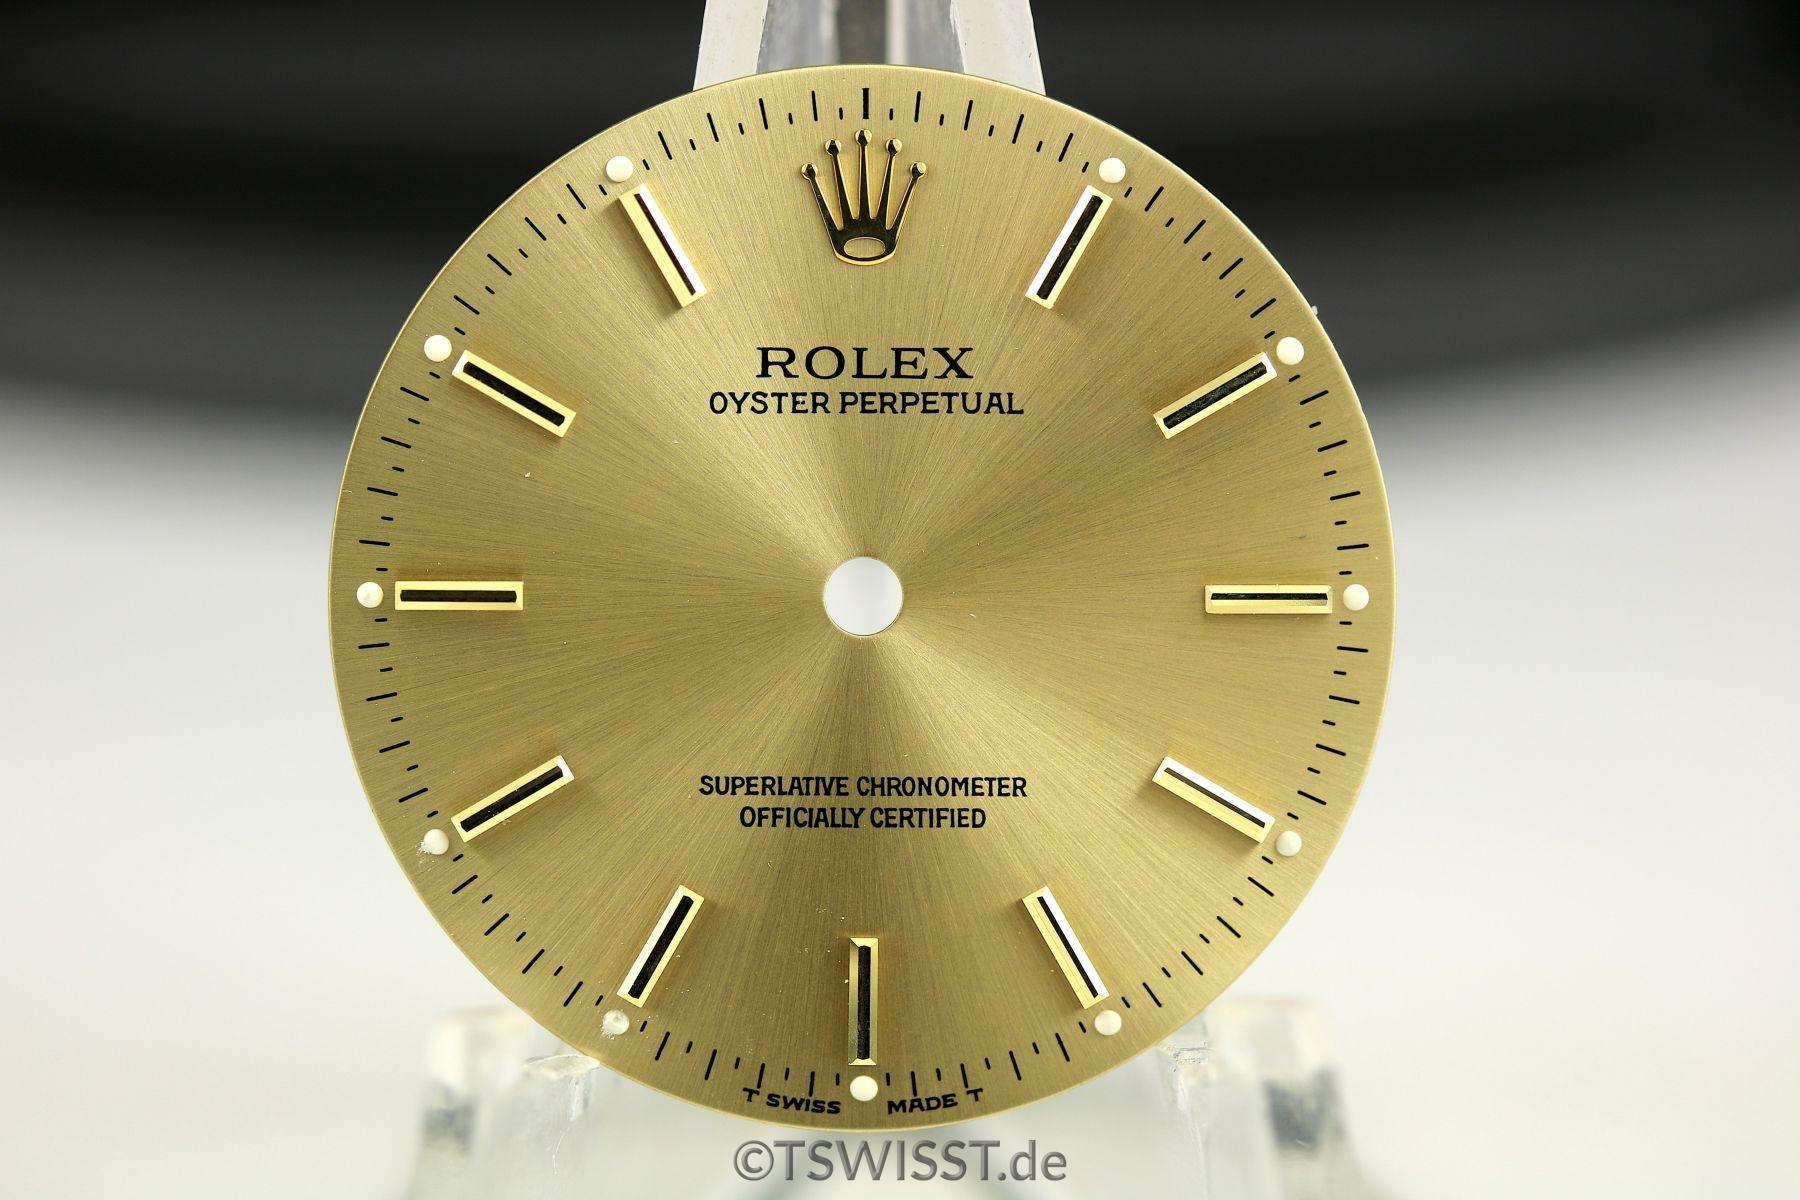 Rolex OP dial